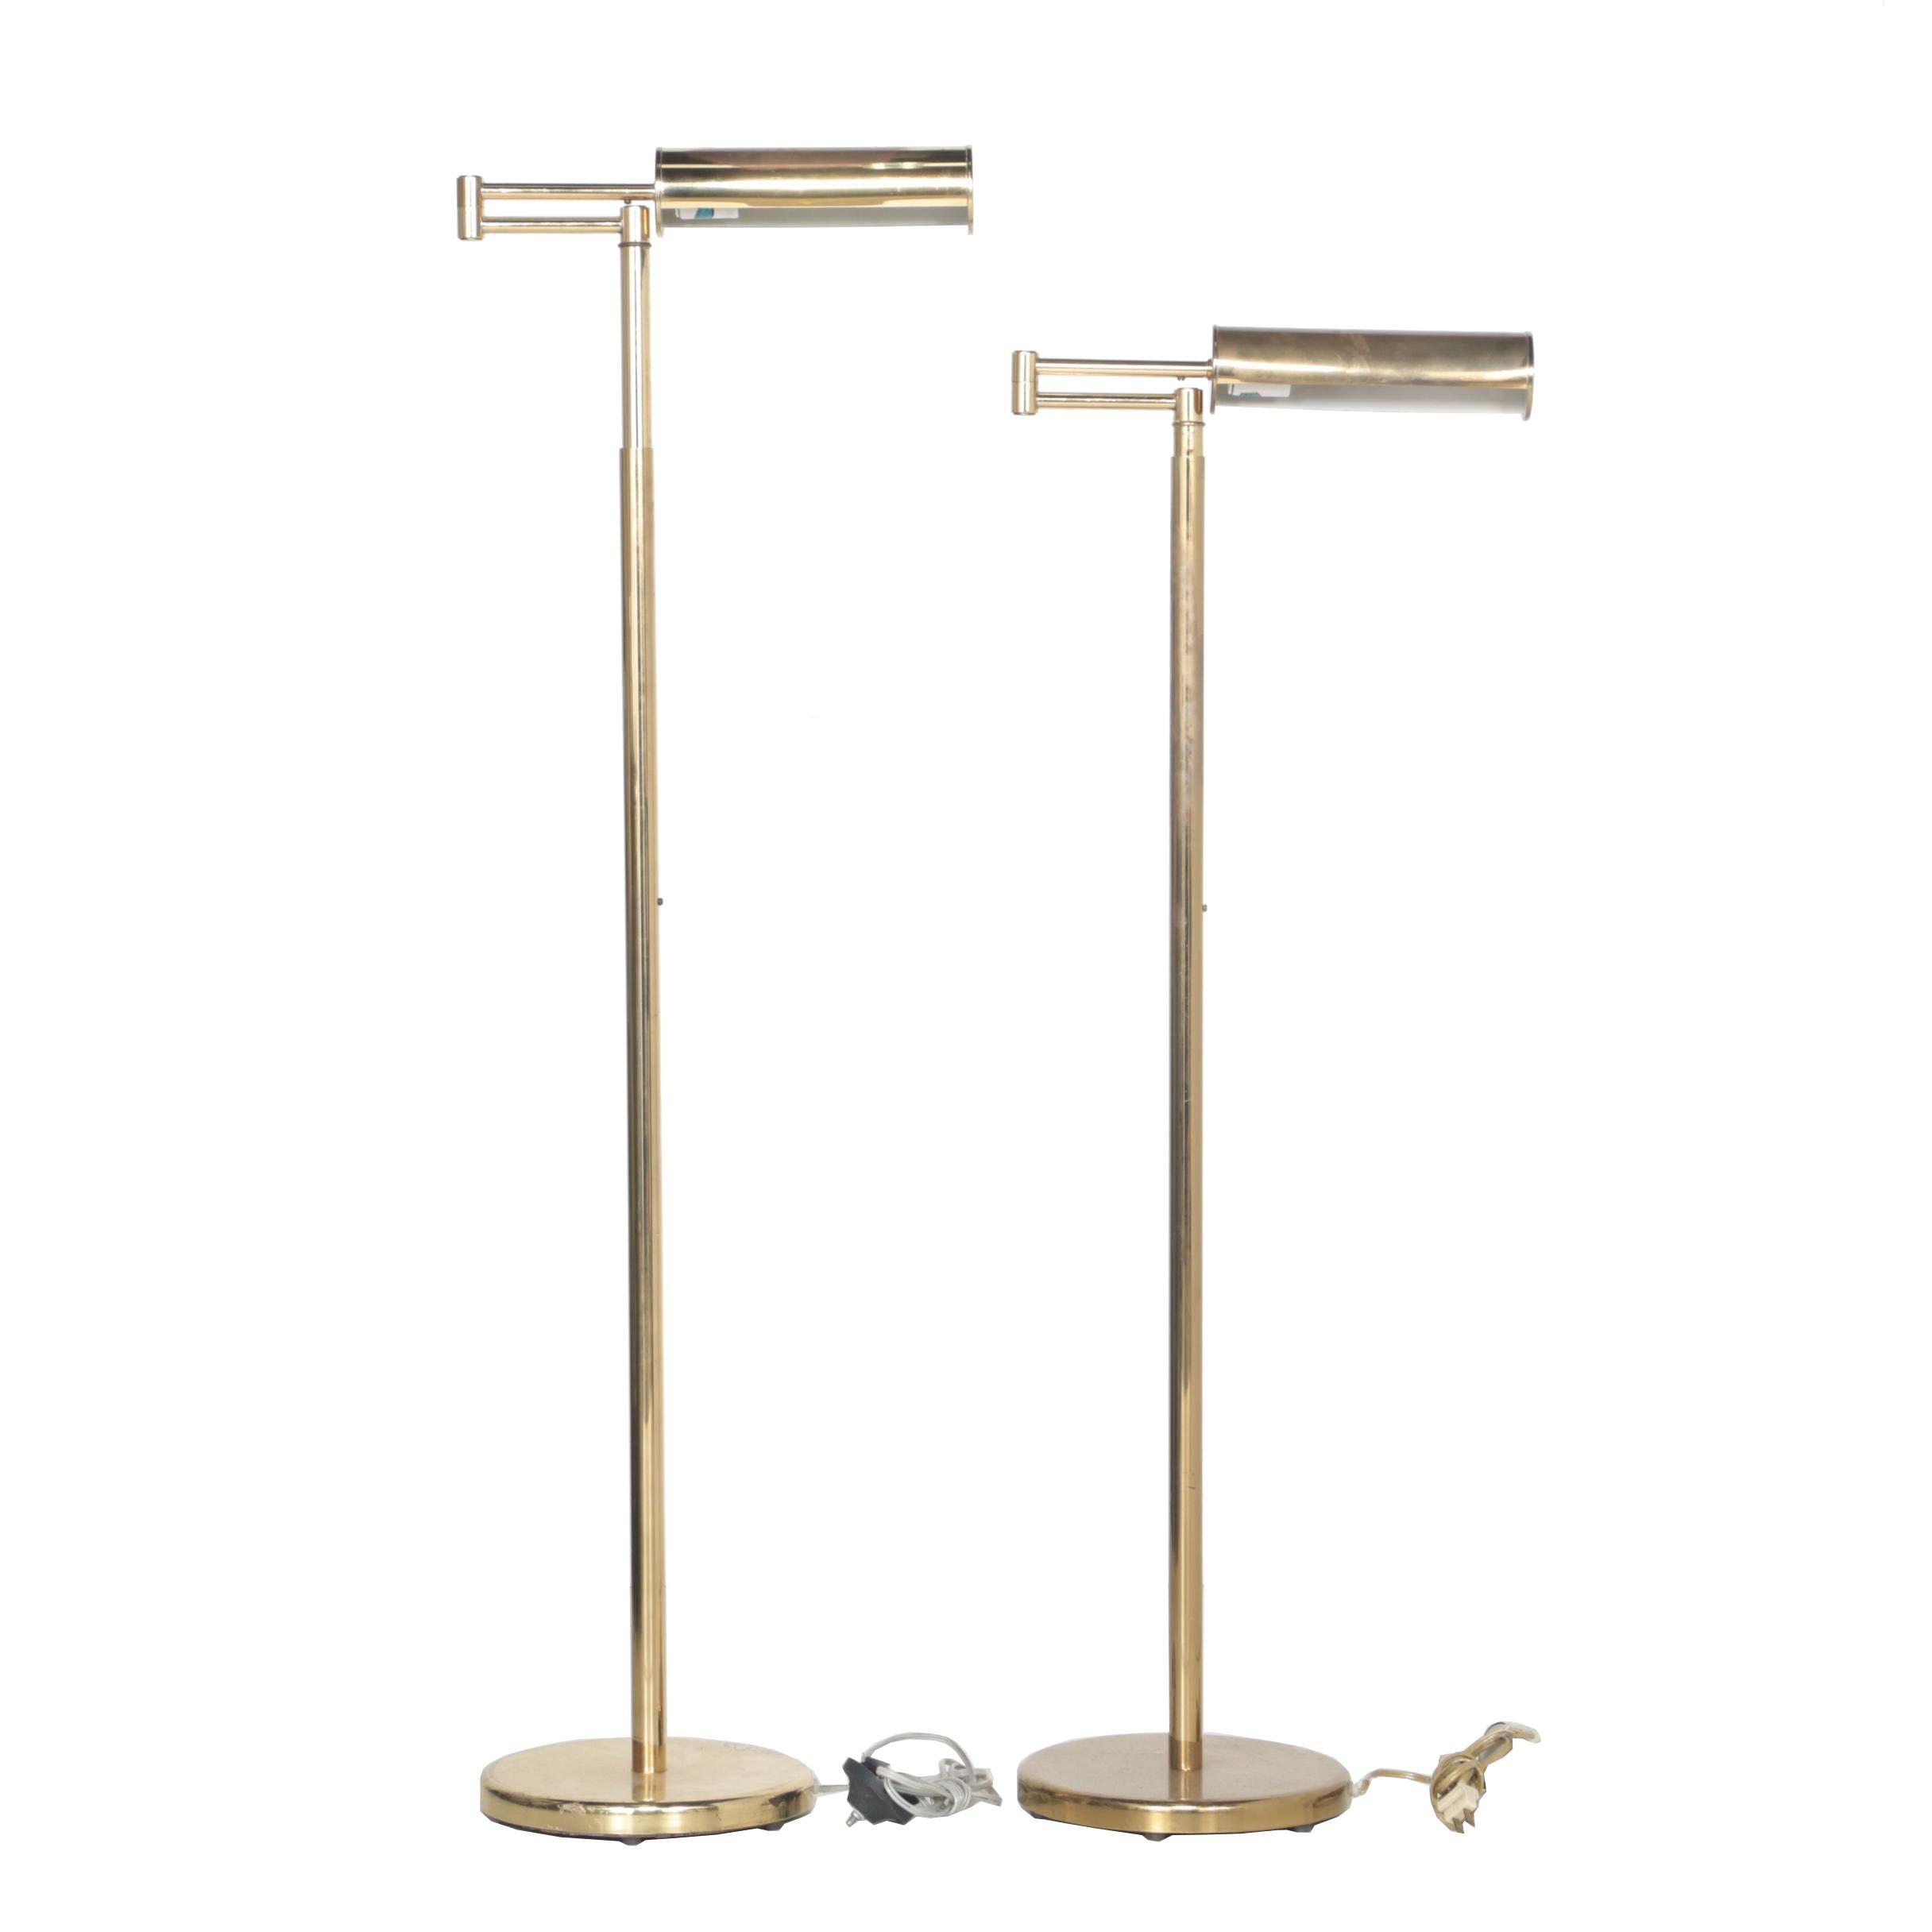 Mid Century Modern Walter Von Nessen Brass Swing Arm Floor Lamps